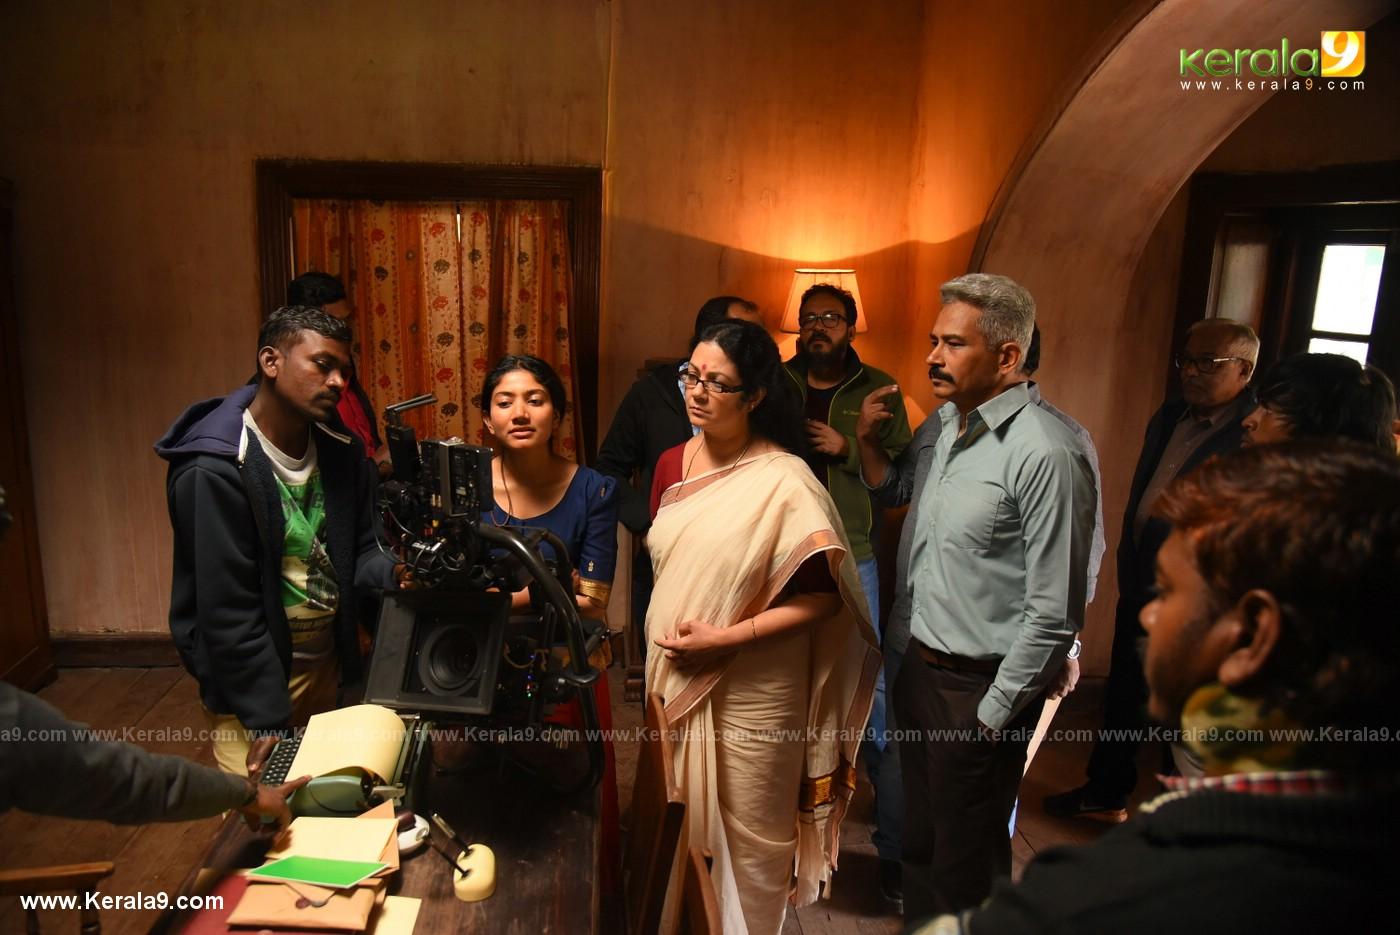 athiran malayalam movie photos - Kerala9.com